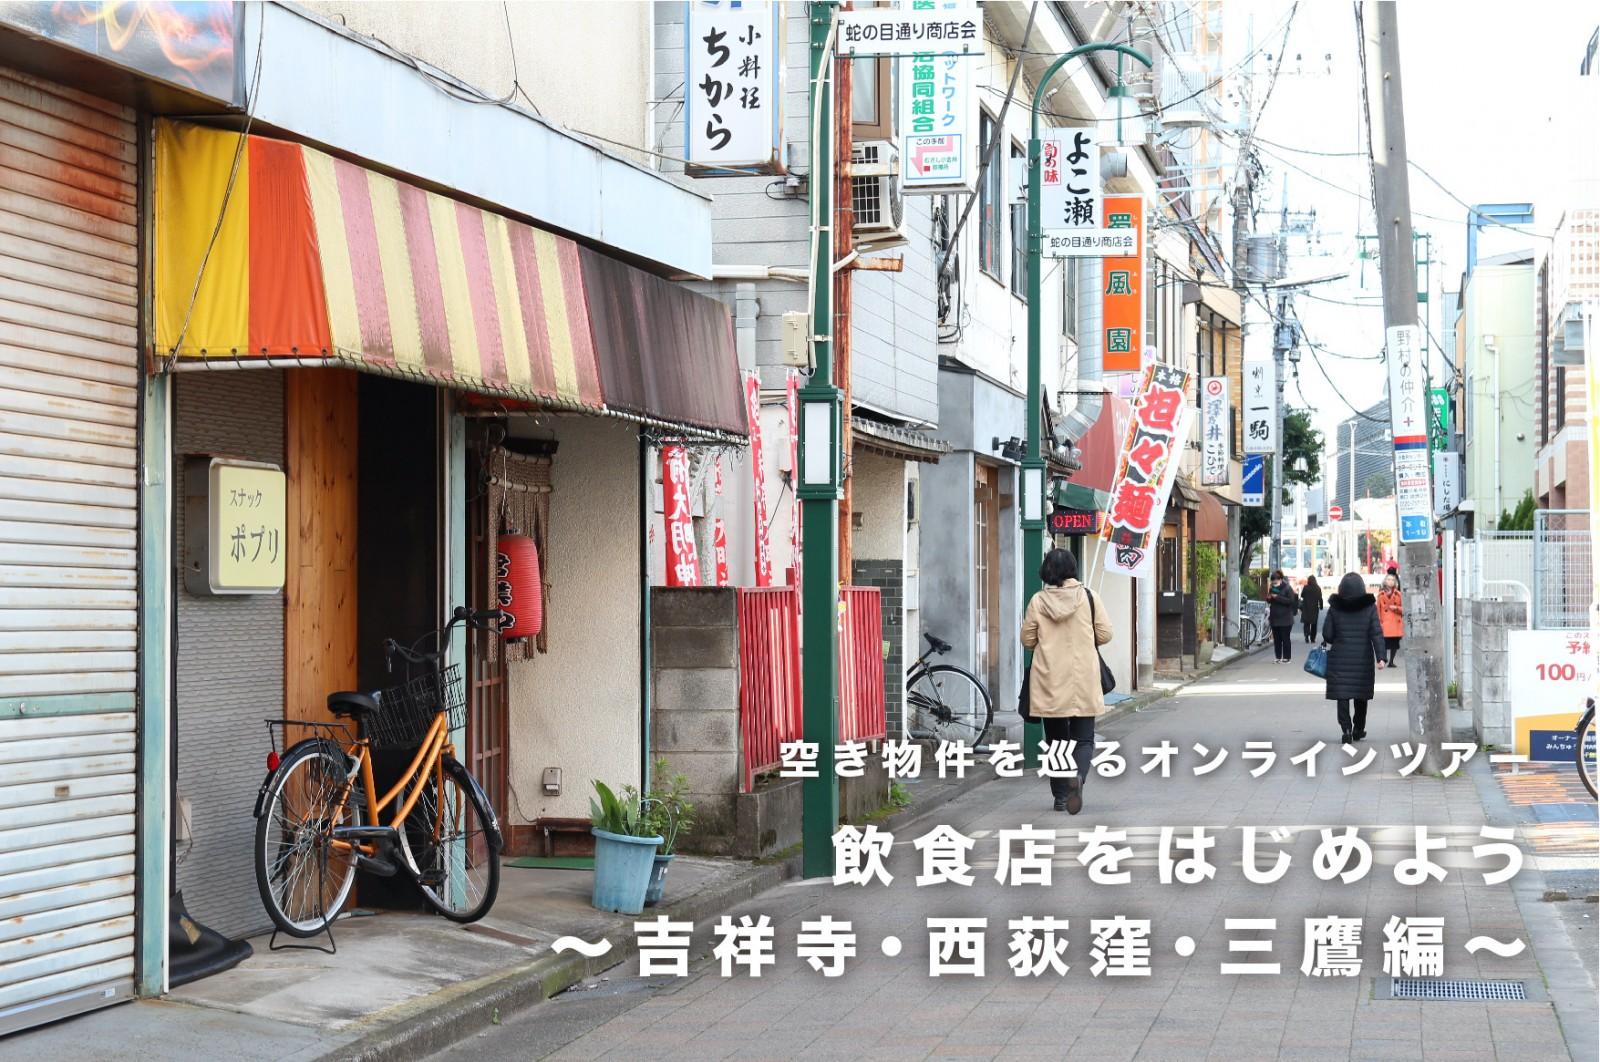 飲食店をはじめよう〜吉祥寺・西荻窪・三鷹編〜